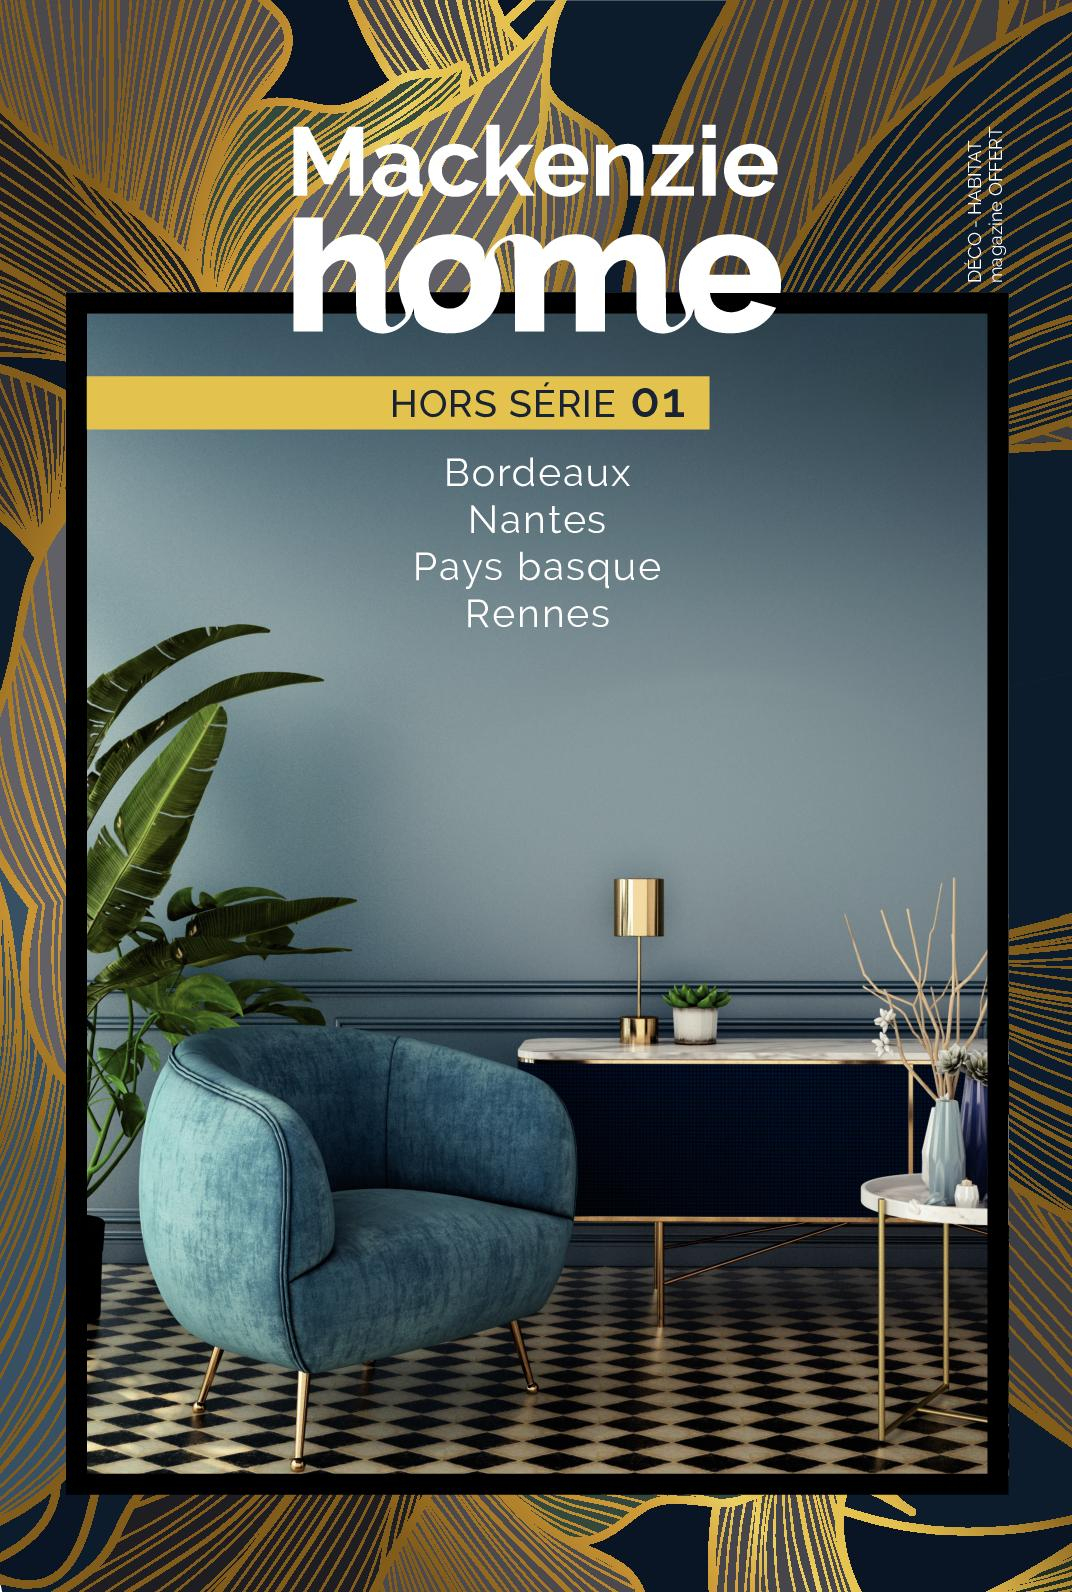 Calaméo - Mackenzie Home - Hors-Série #1 tout Living Store Nantes